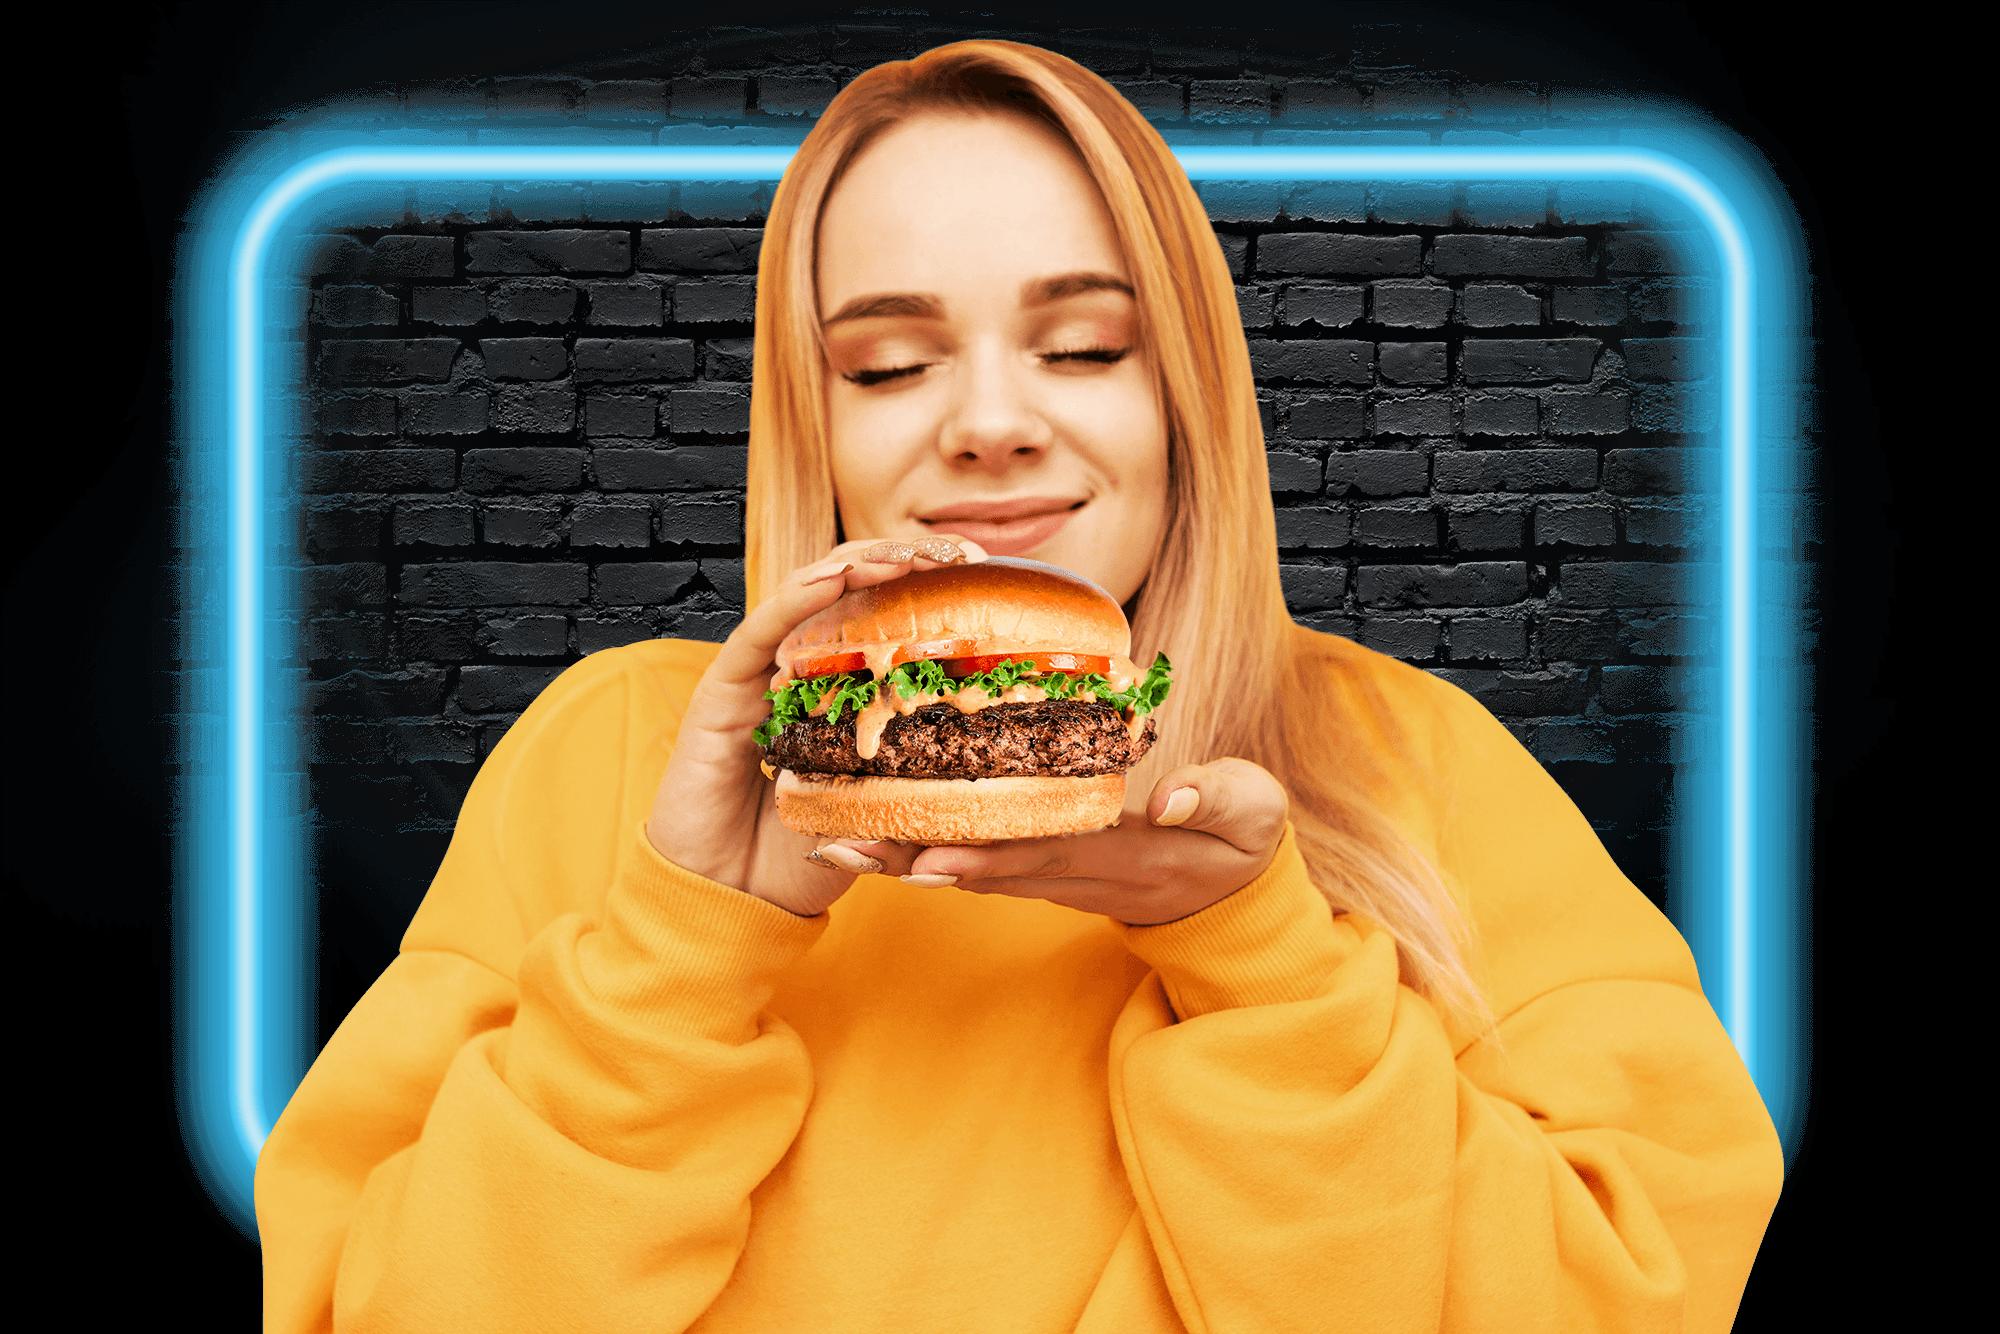 Girl holding burger